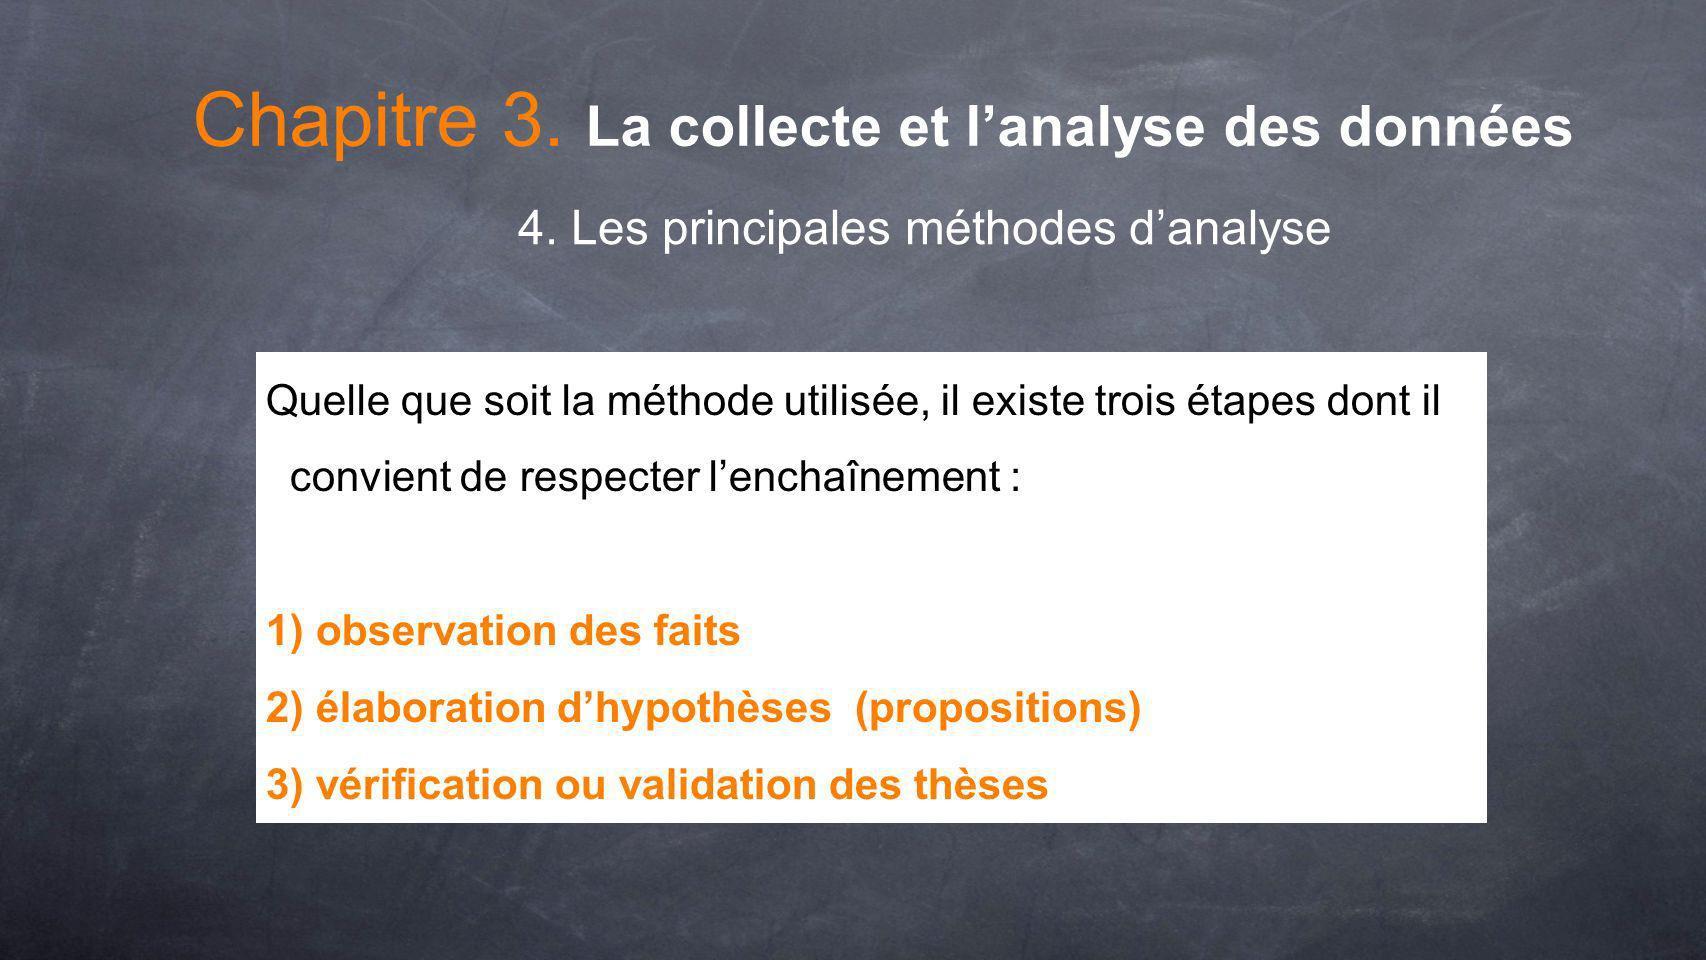 Chapitre 3. La collecte et lanalyse des données 4. Les principales méthodes danalyse Quelle que soit la méthode utilisée, il existe trois étapes dont